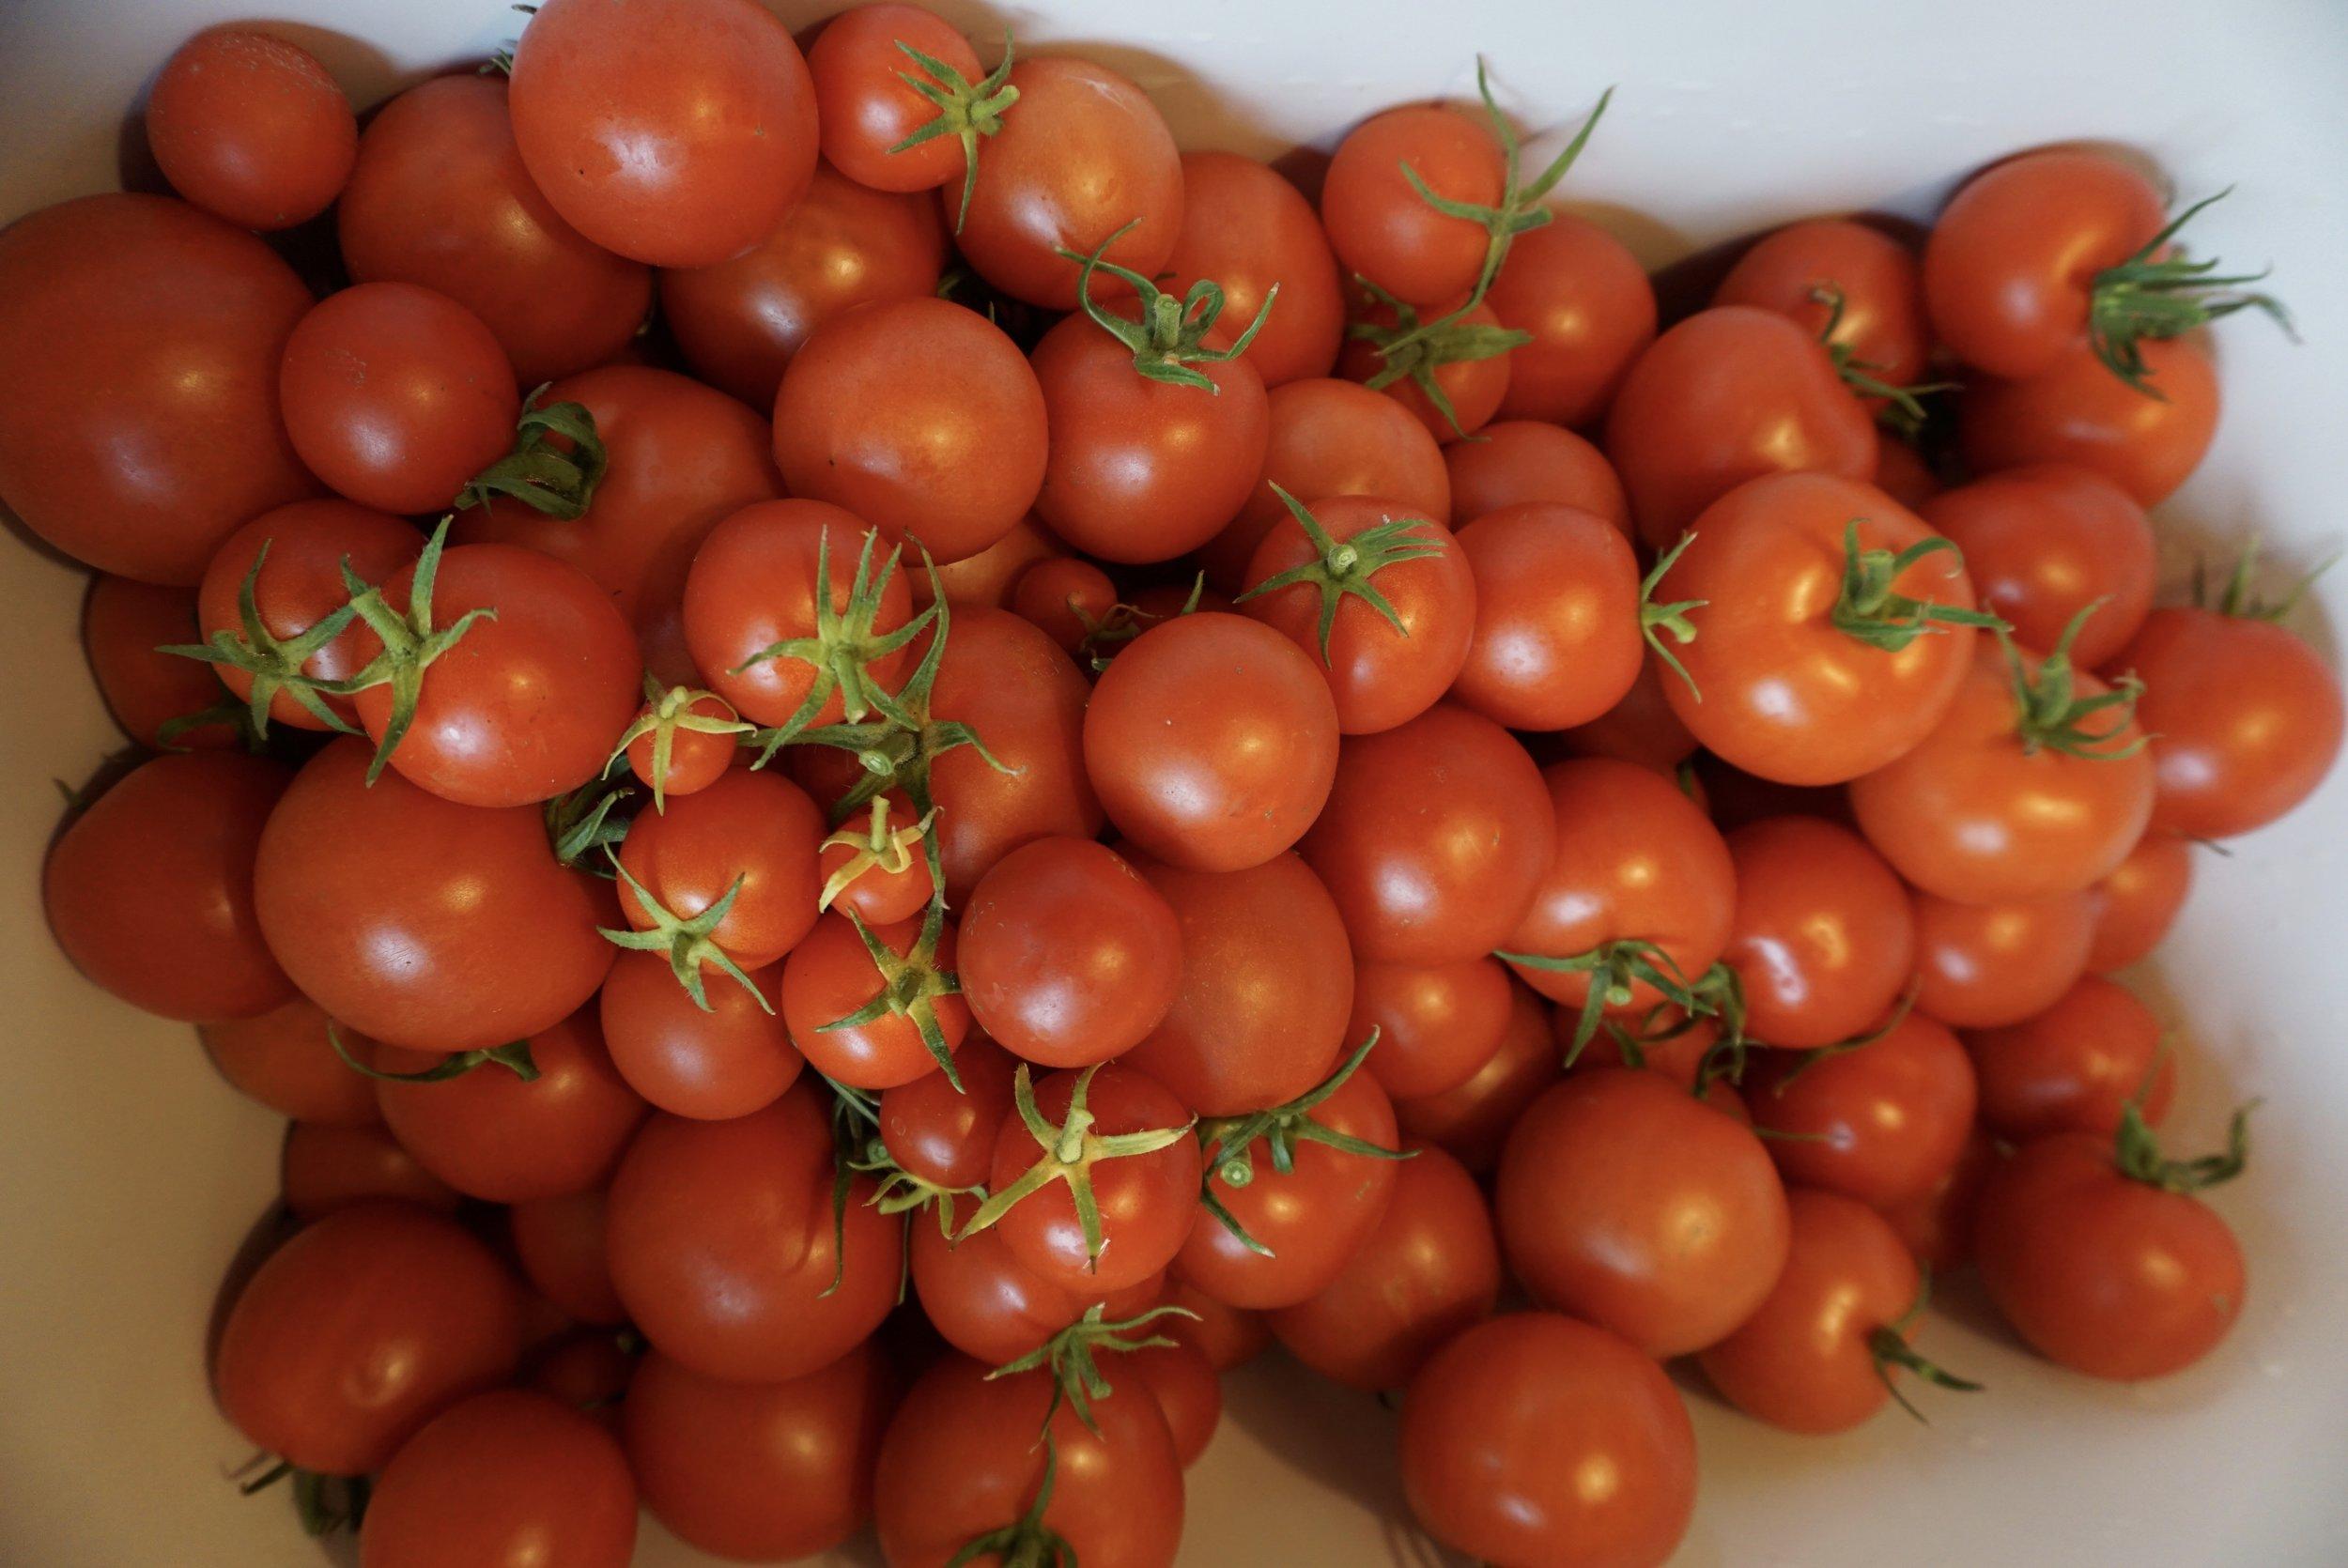 Bloody Butcher ser ut til å være samme sort som Matina. De virker like å se på og oppfører seg likt. Pene, jevne tomater.